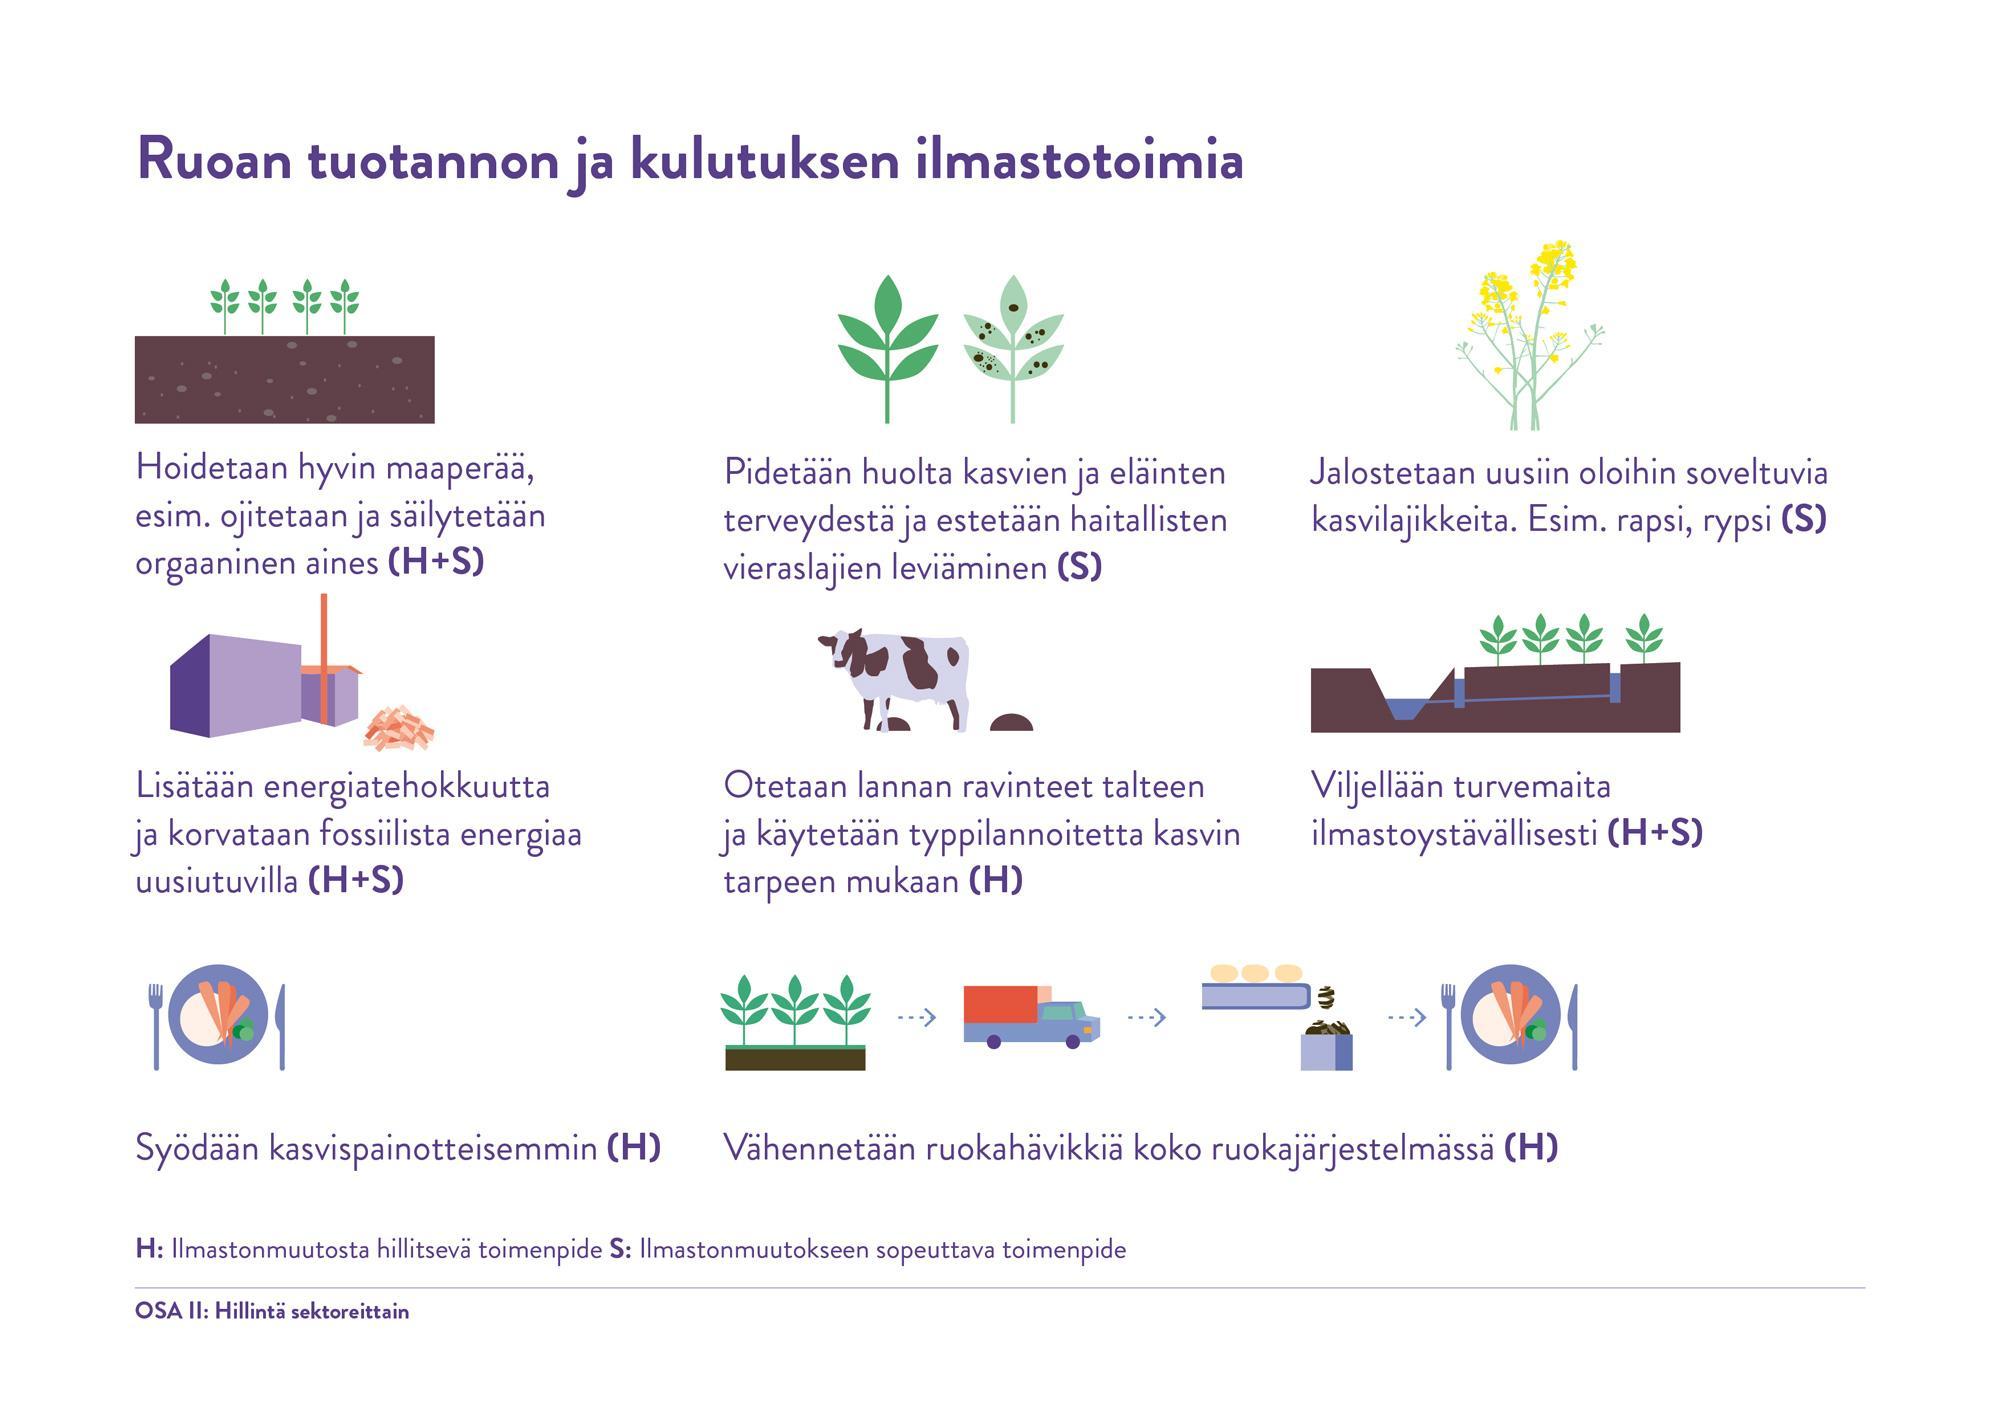 Ruoan tuotannon ja kulutuksen ilmastotoimia Lähde: Ympäristöministeriö